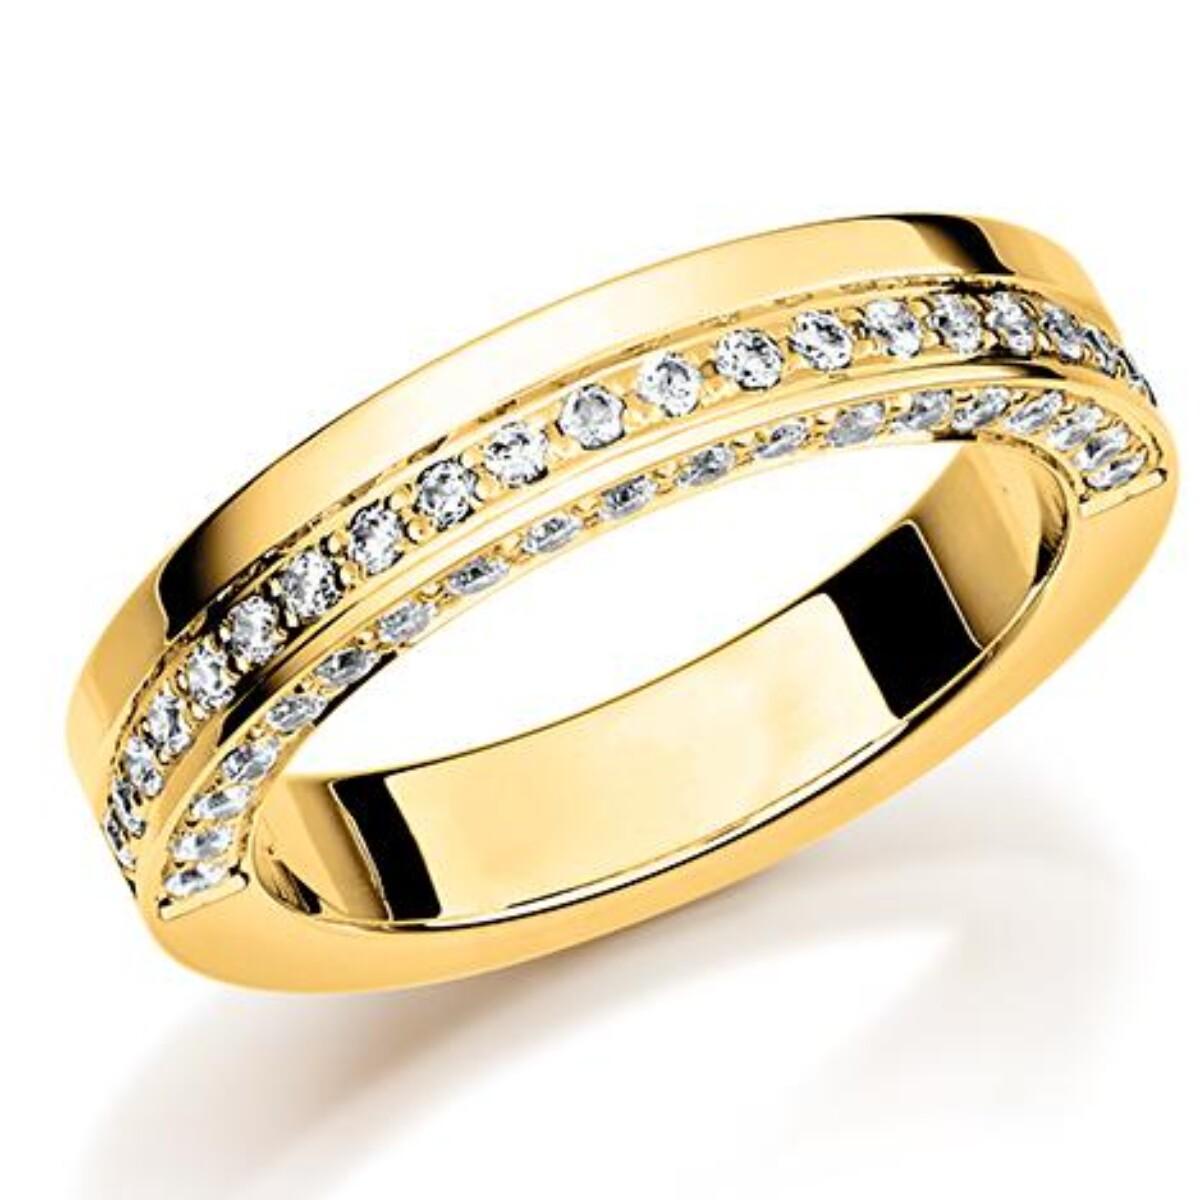 GD Forever Diamant 4mm Gult gull. 2-kantet diamant rekke